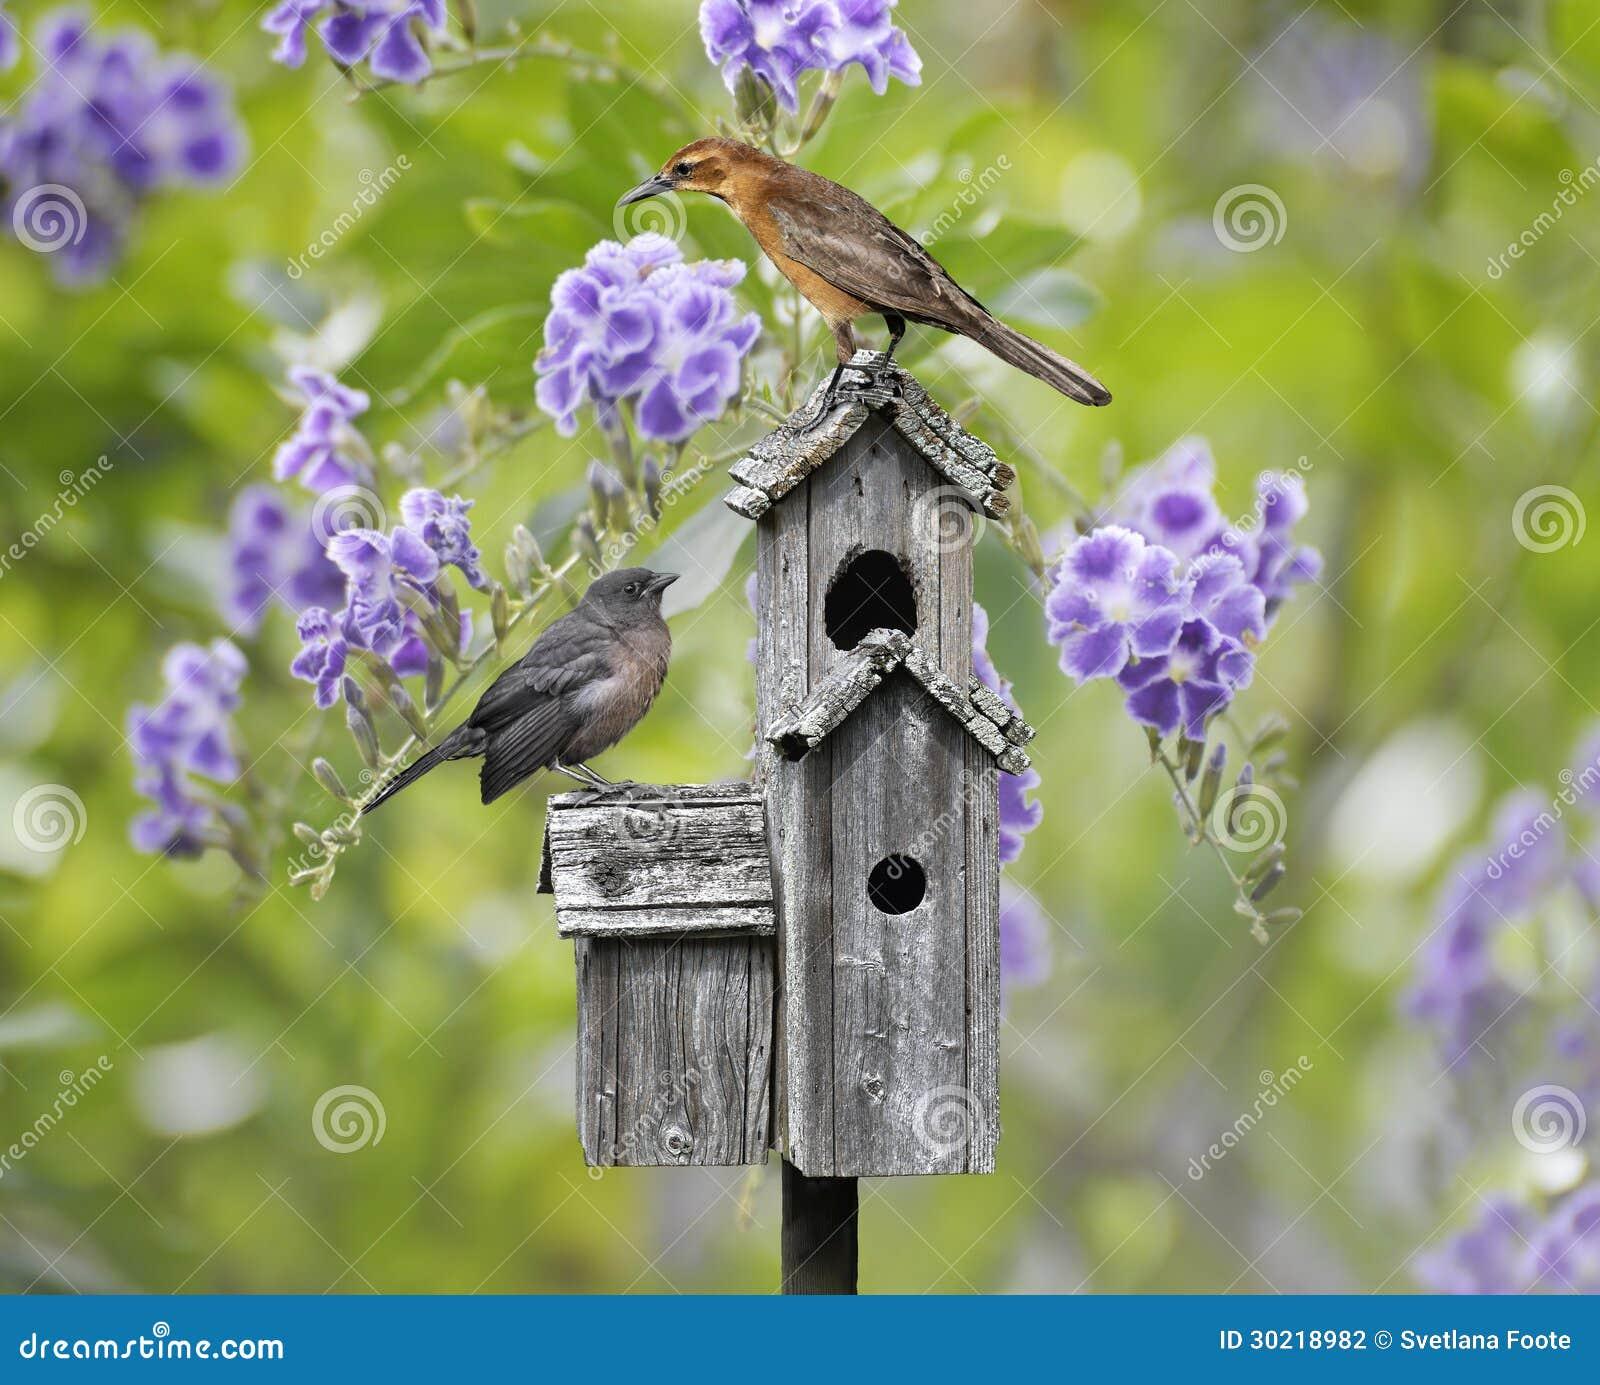 Fåglar på ett fågelhus